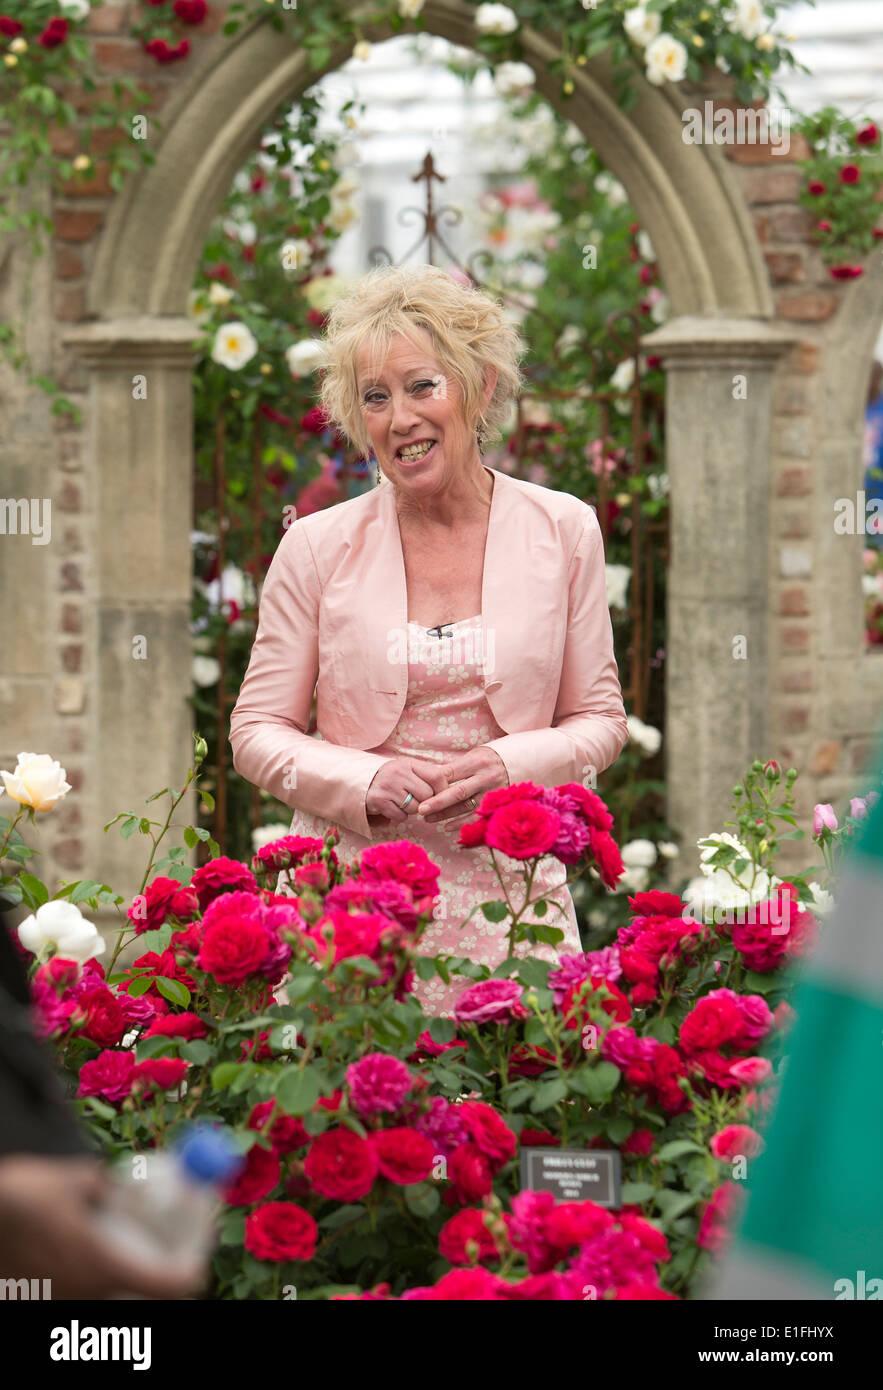 Carol S Garden: Carol Klein TV Presenter In Rose Garden At Chelsea Flower